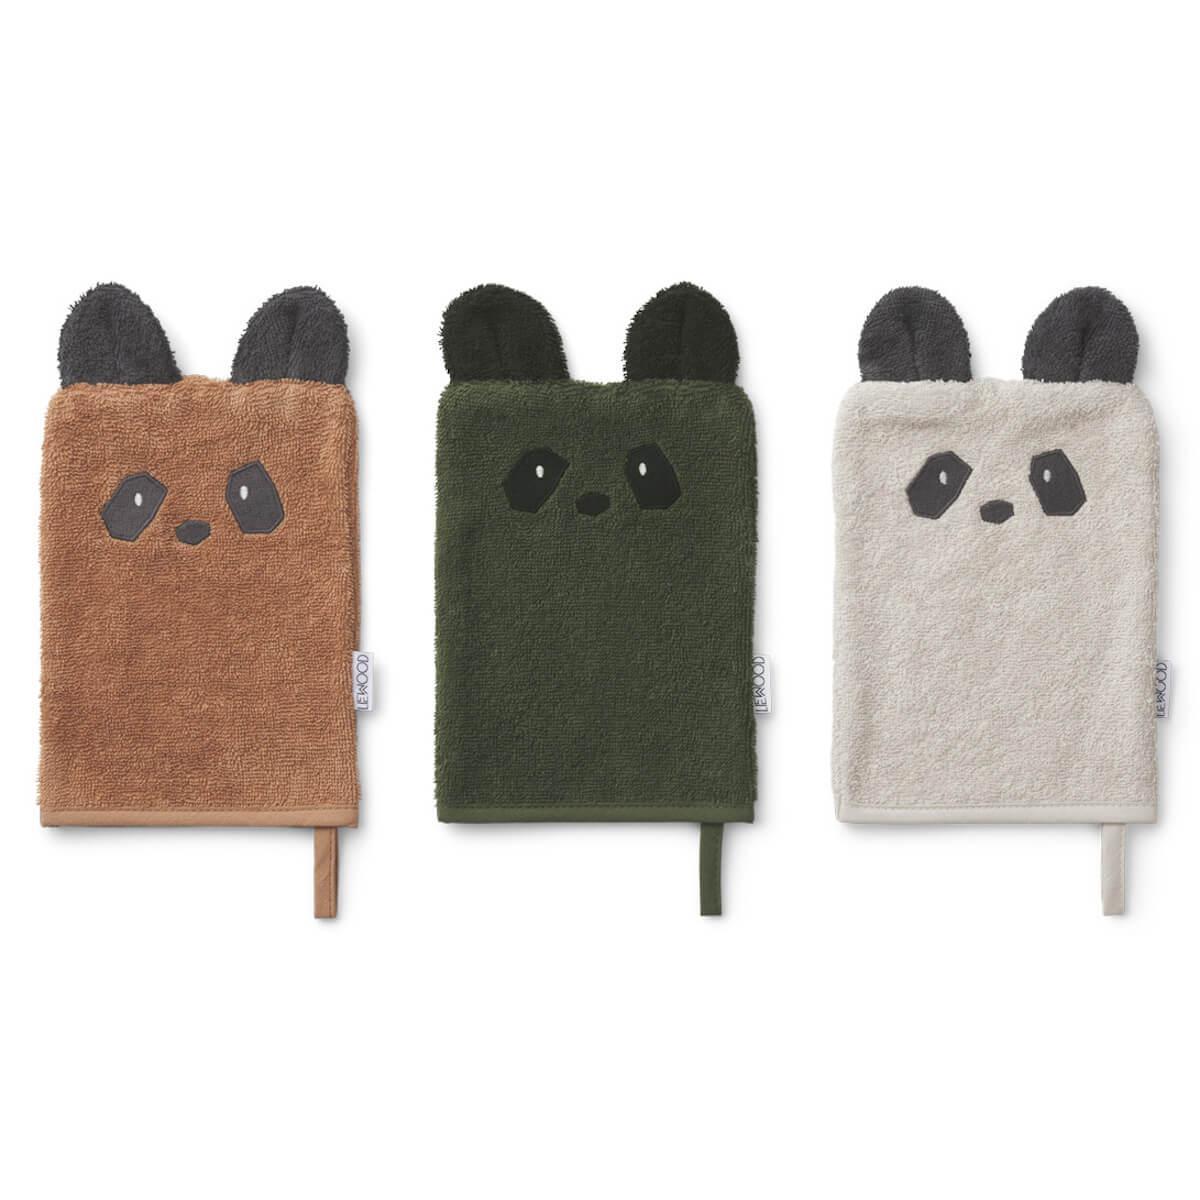 3 gants de toilette sylvester panda mix